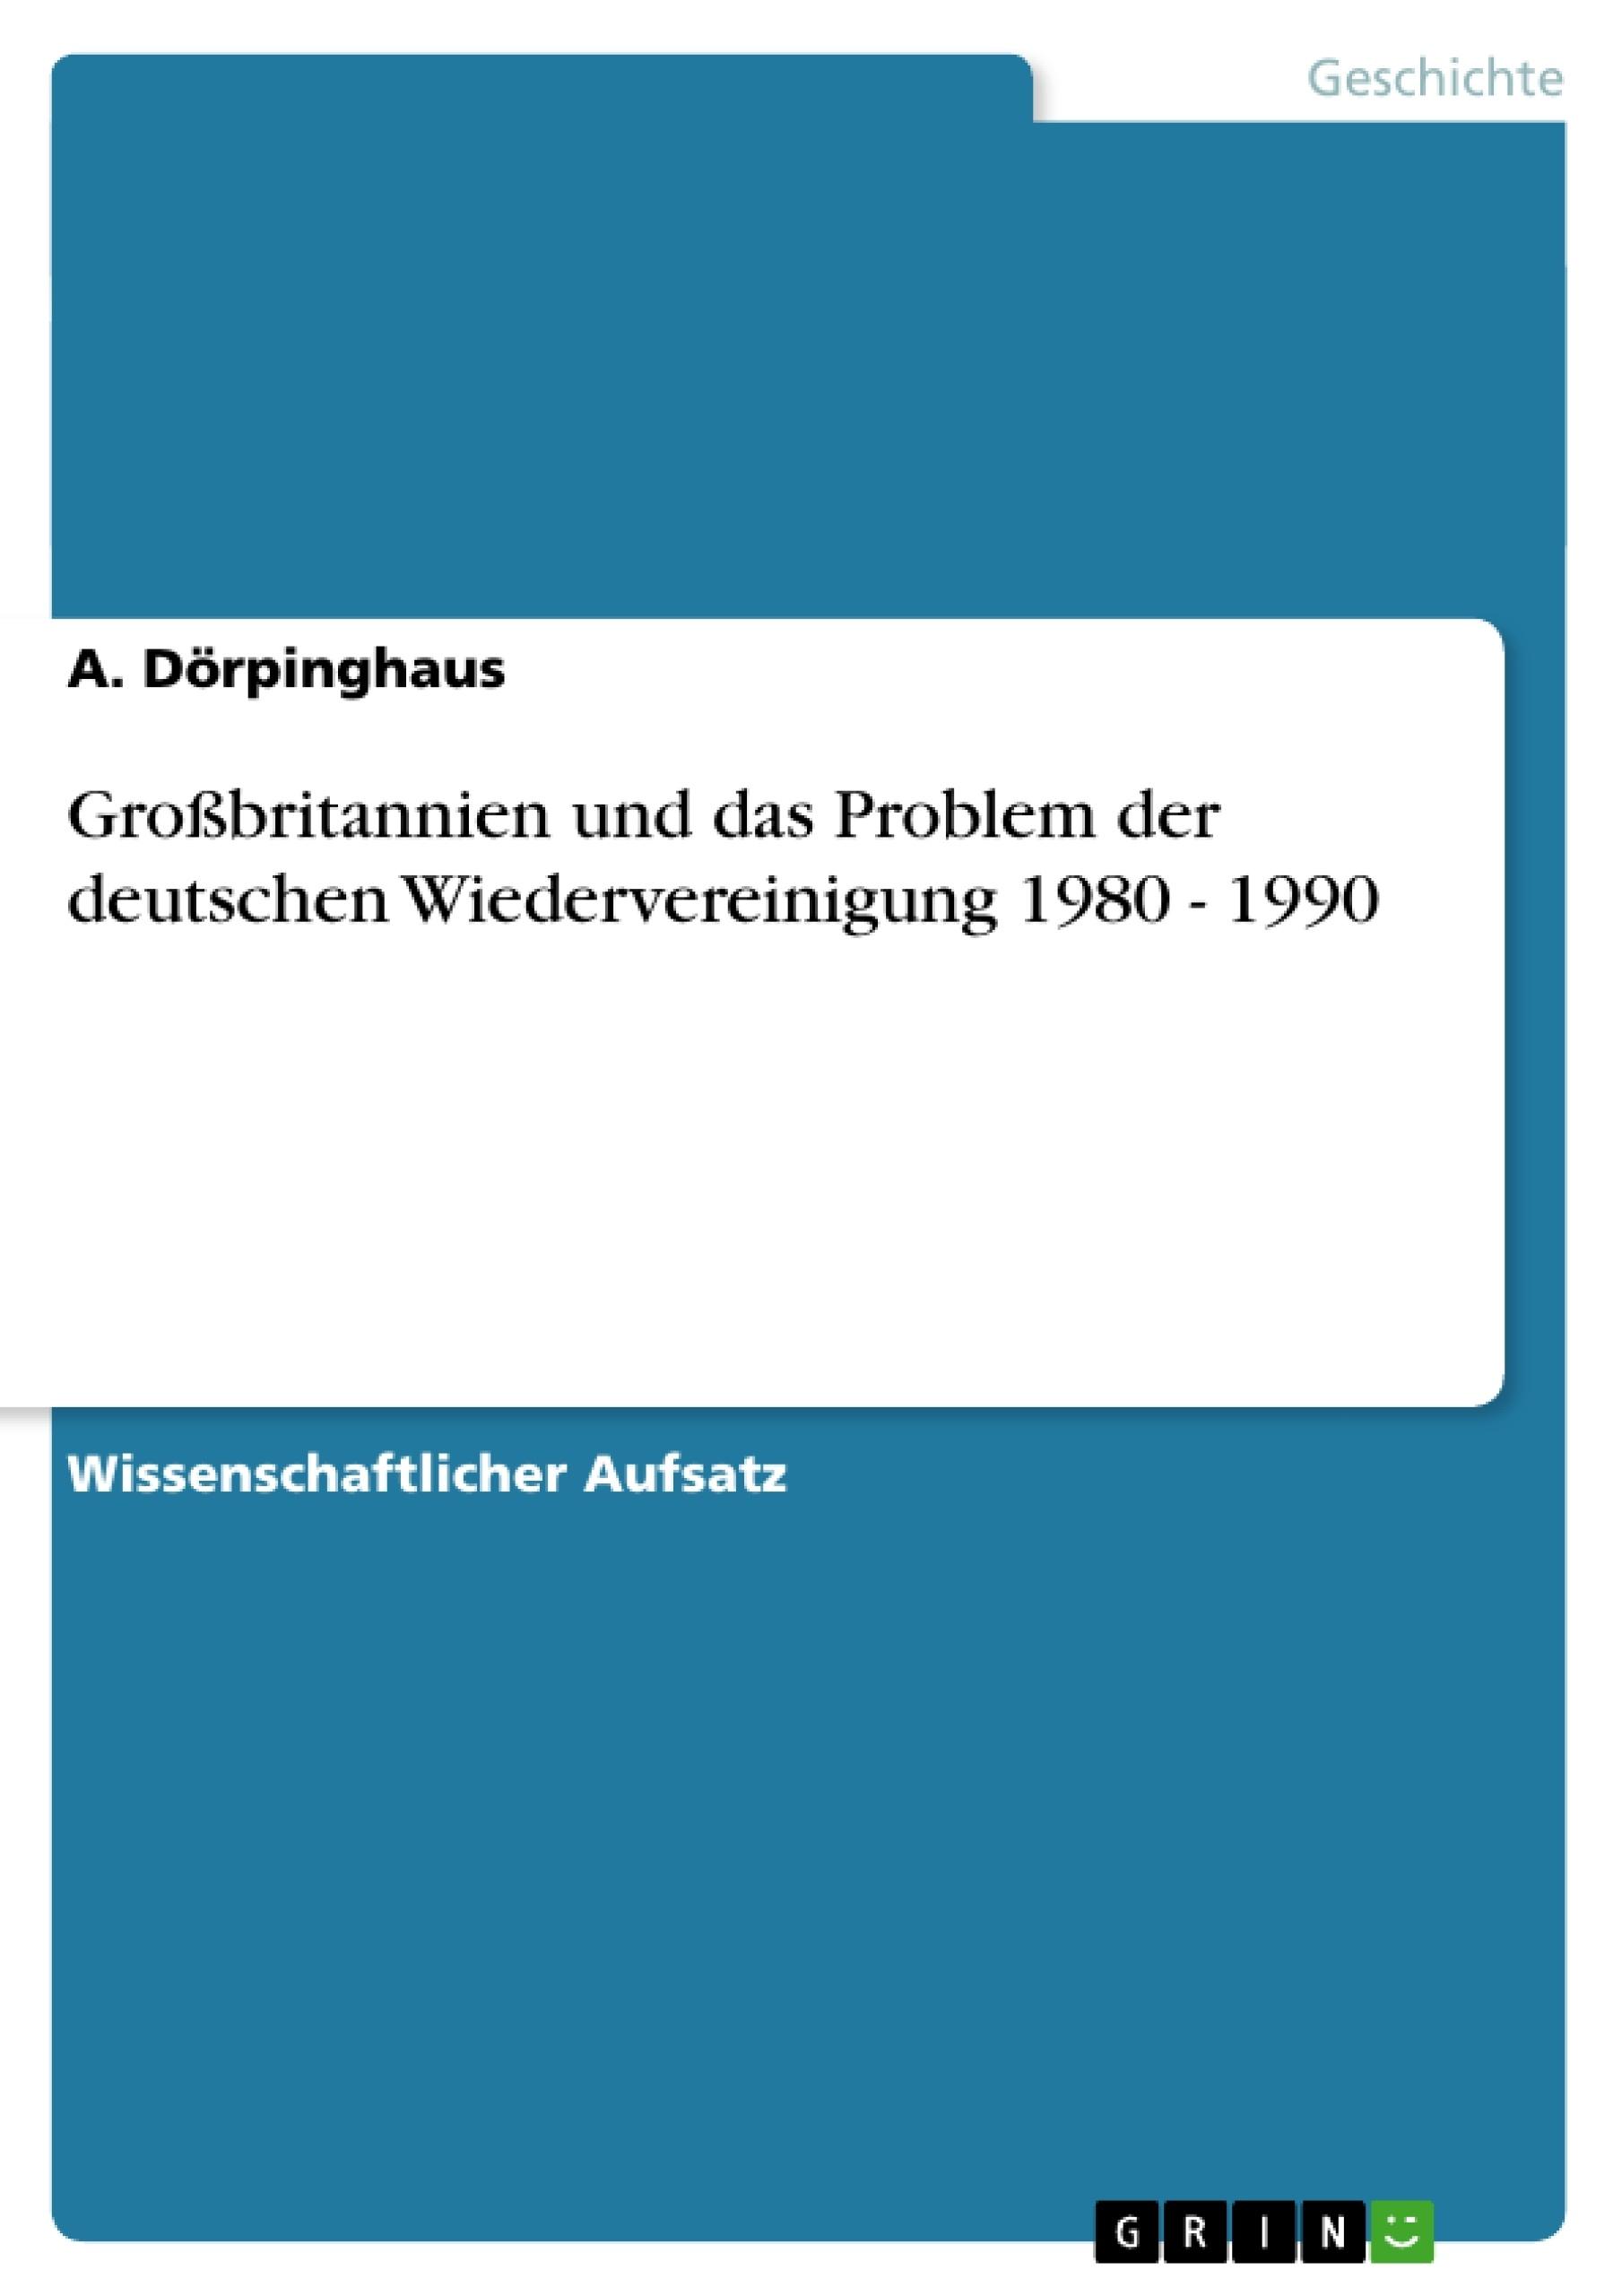 Titel: Großbritannien und das Problem der deutschen Wiedervereinigung 1980 - 1990